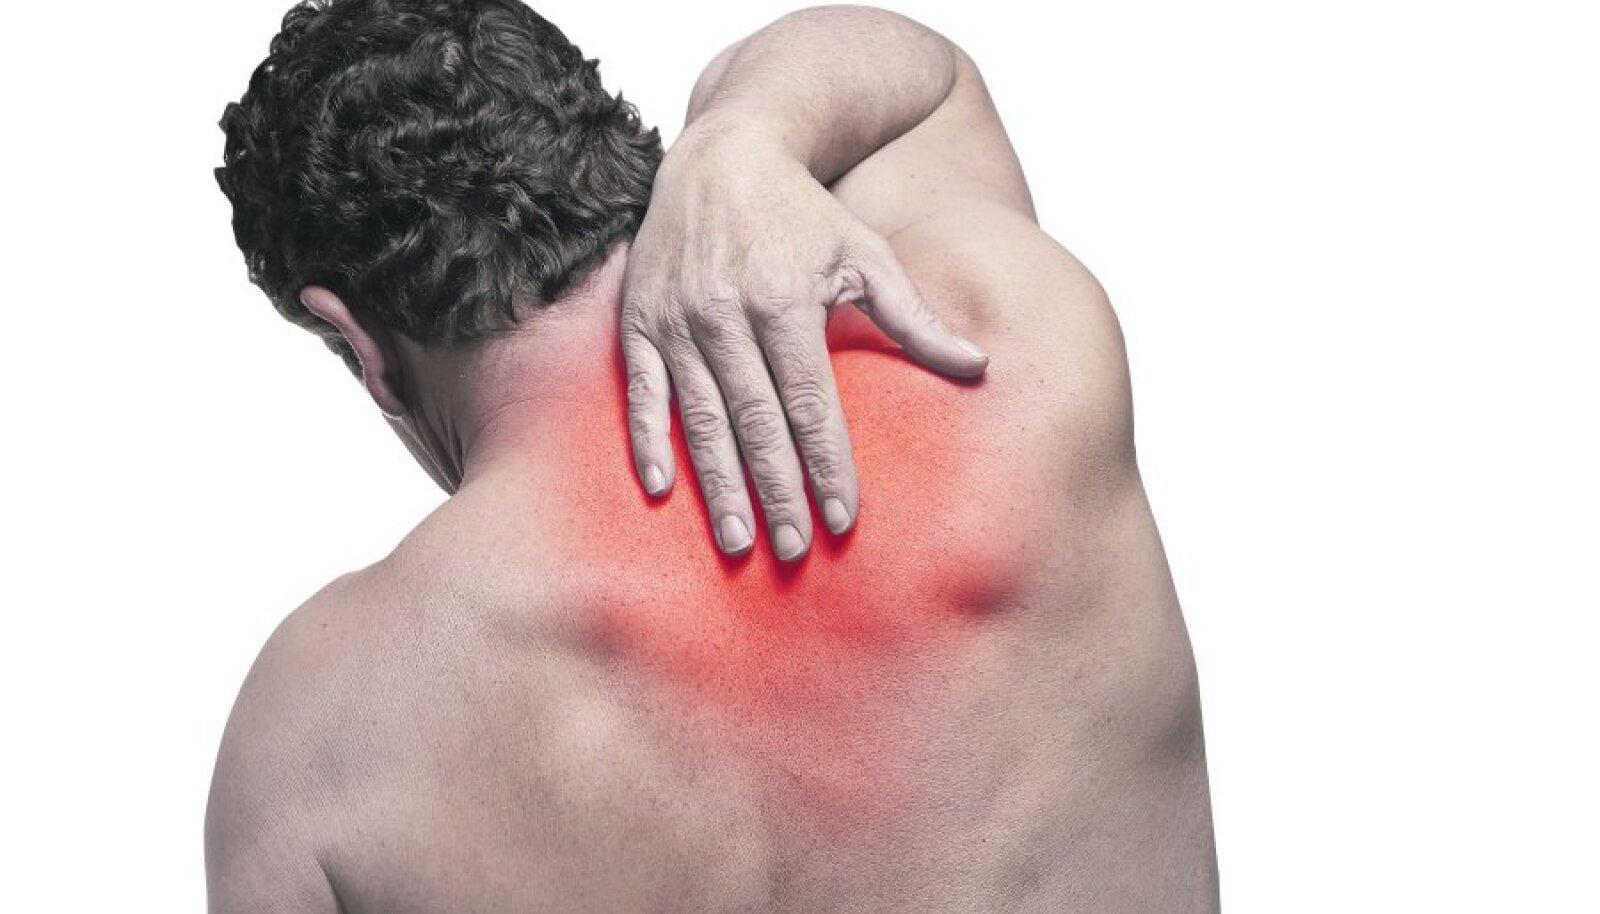 Mis aitab uhise valu Toodete ravi